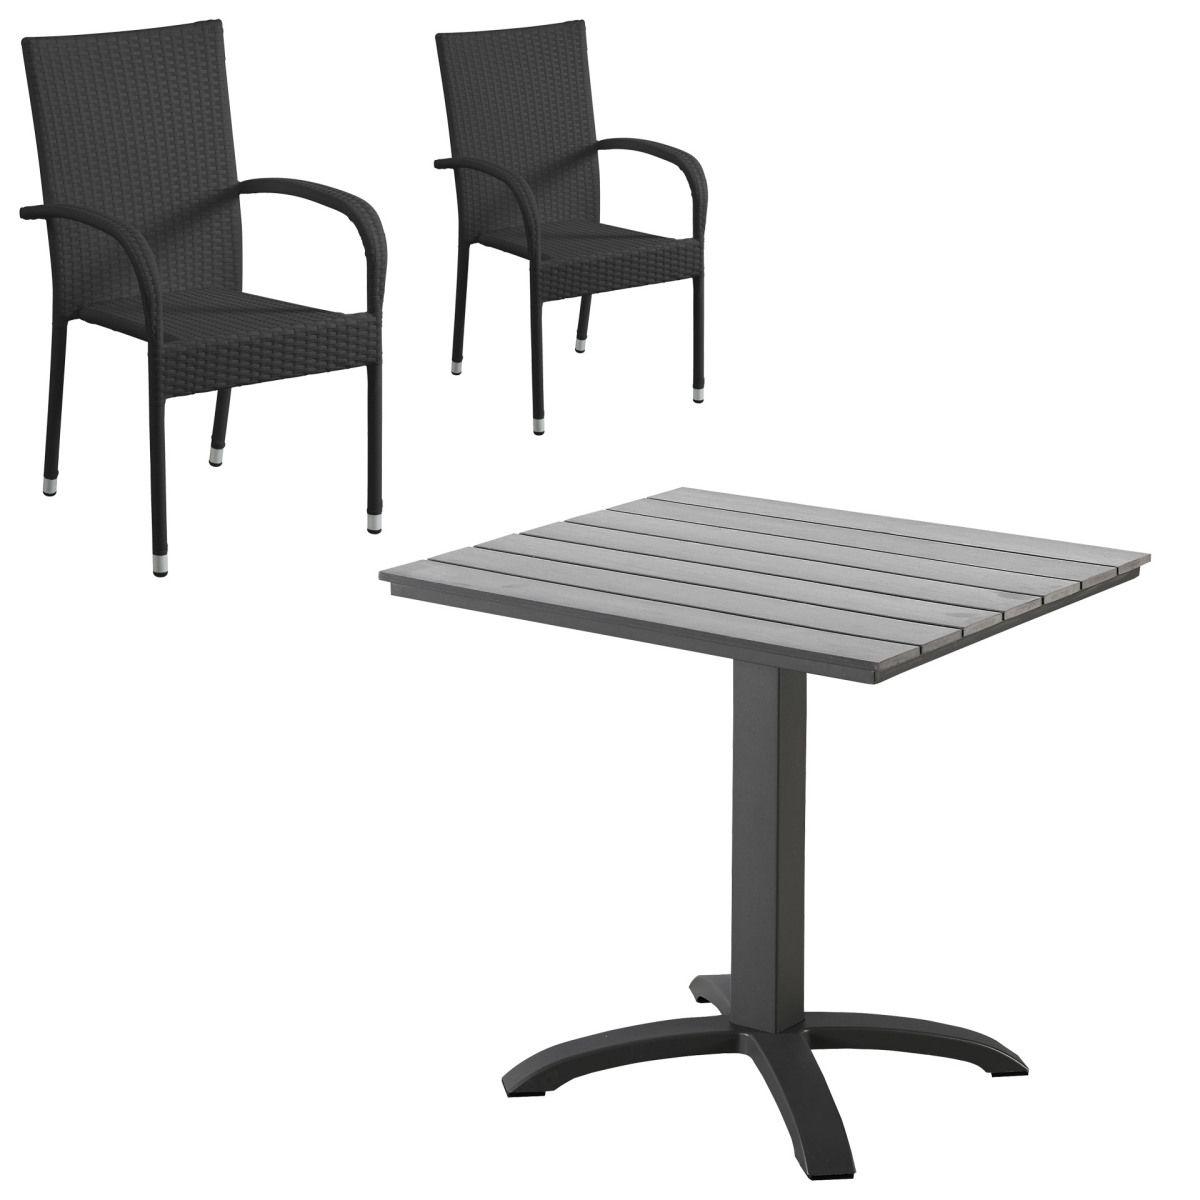 Gartenmöbel-Set Miami/ Palermo (Cafétisch, 2 Stühle, schwarz) Jetzt ...